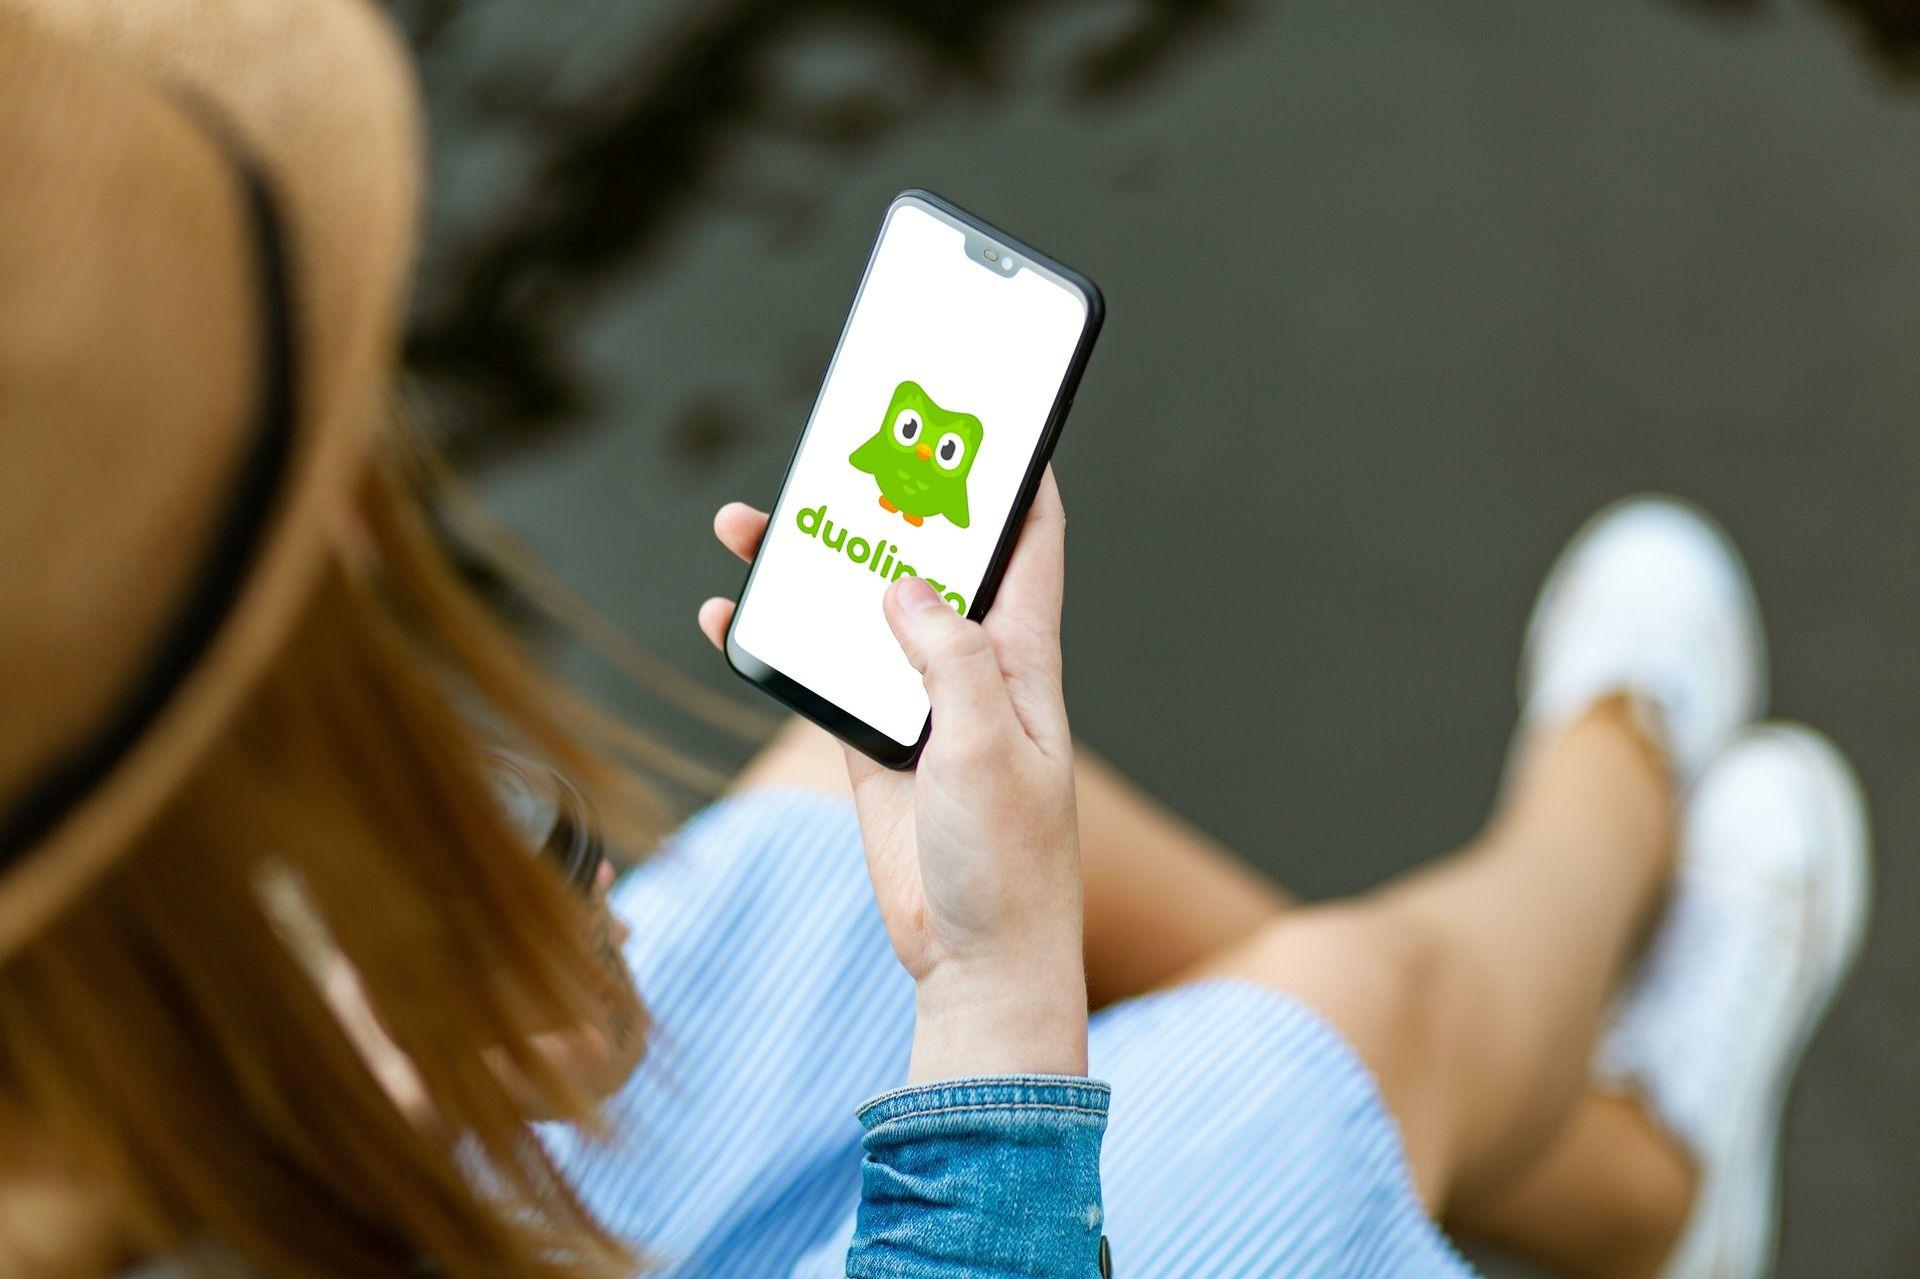 Duolingo Initial Public Offering